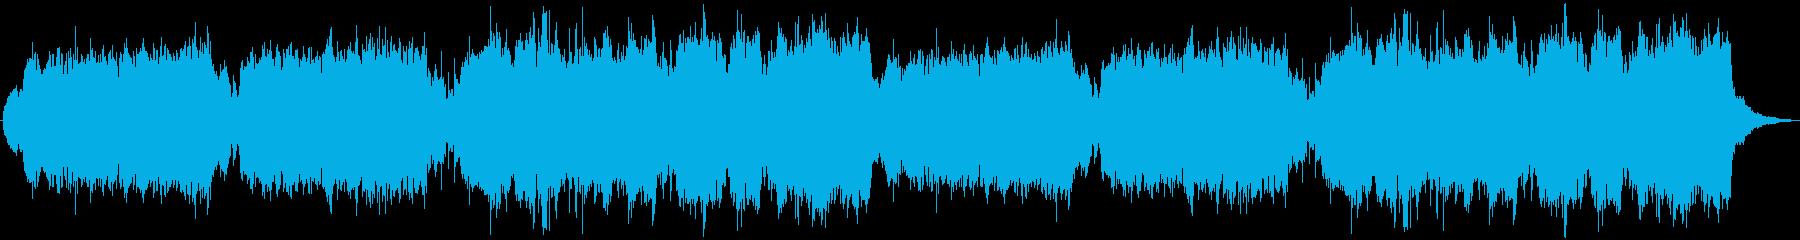 意気揚々とした雰囲気のBGMです。の再生済みの波形